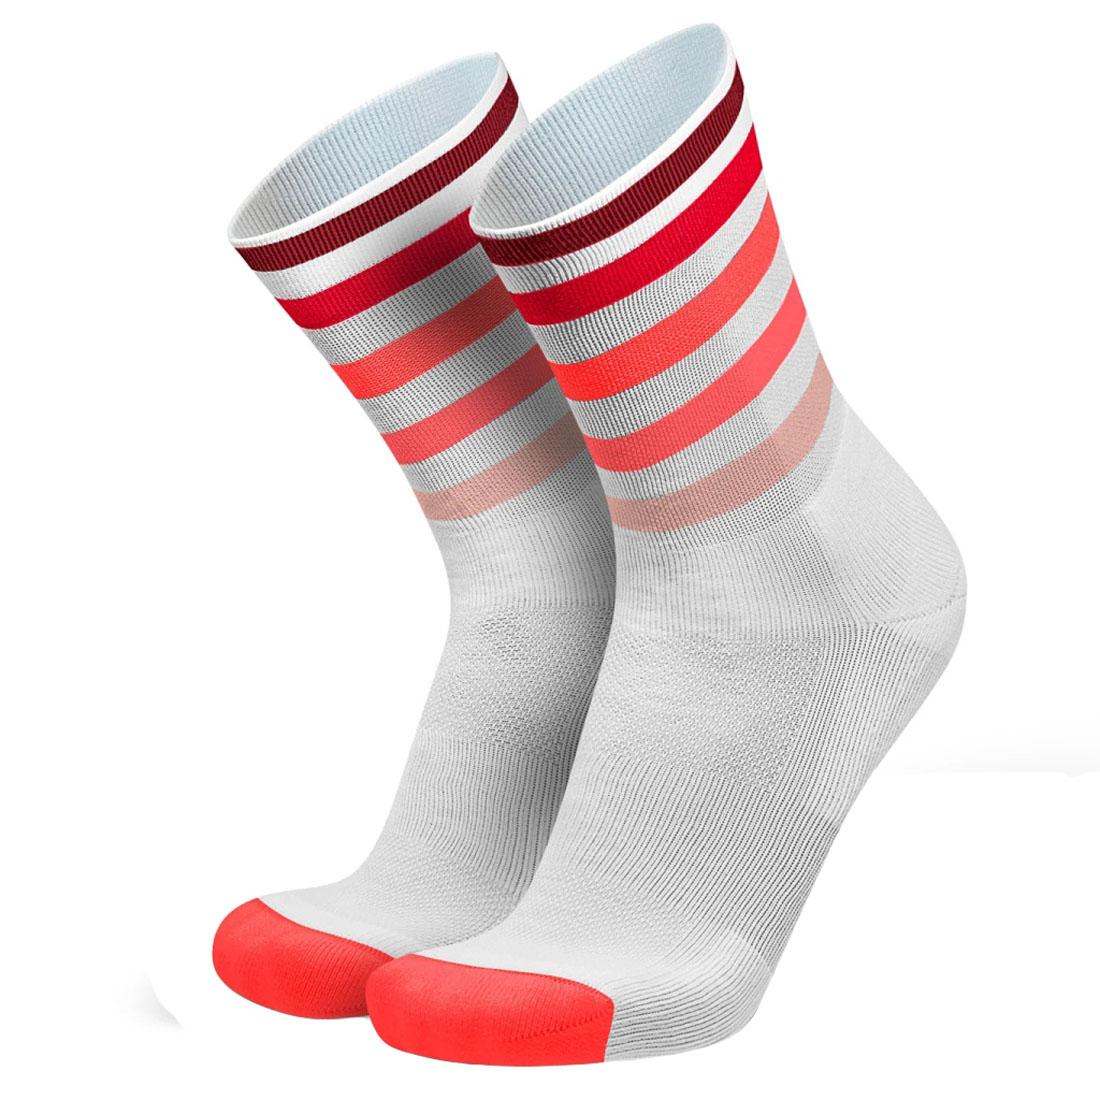 Produktbild von INCYLENCE Running Levels Socken - Inferno